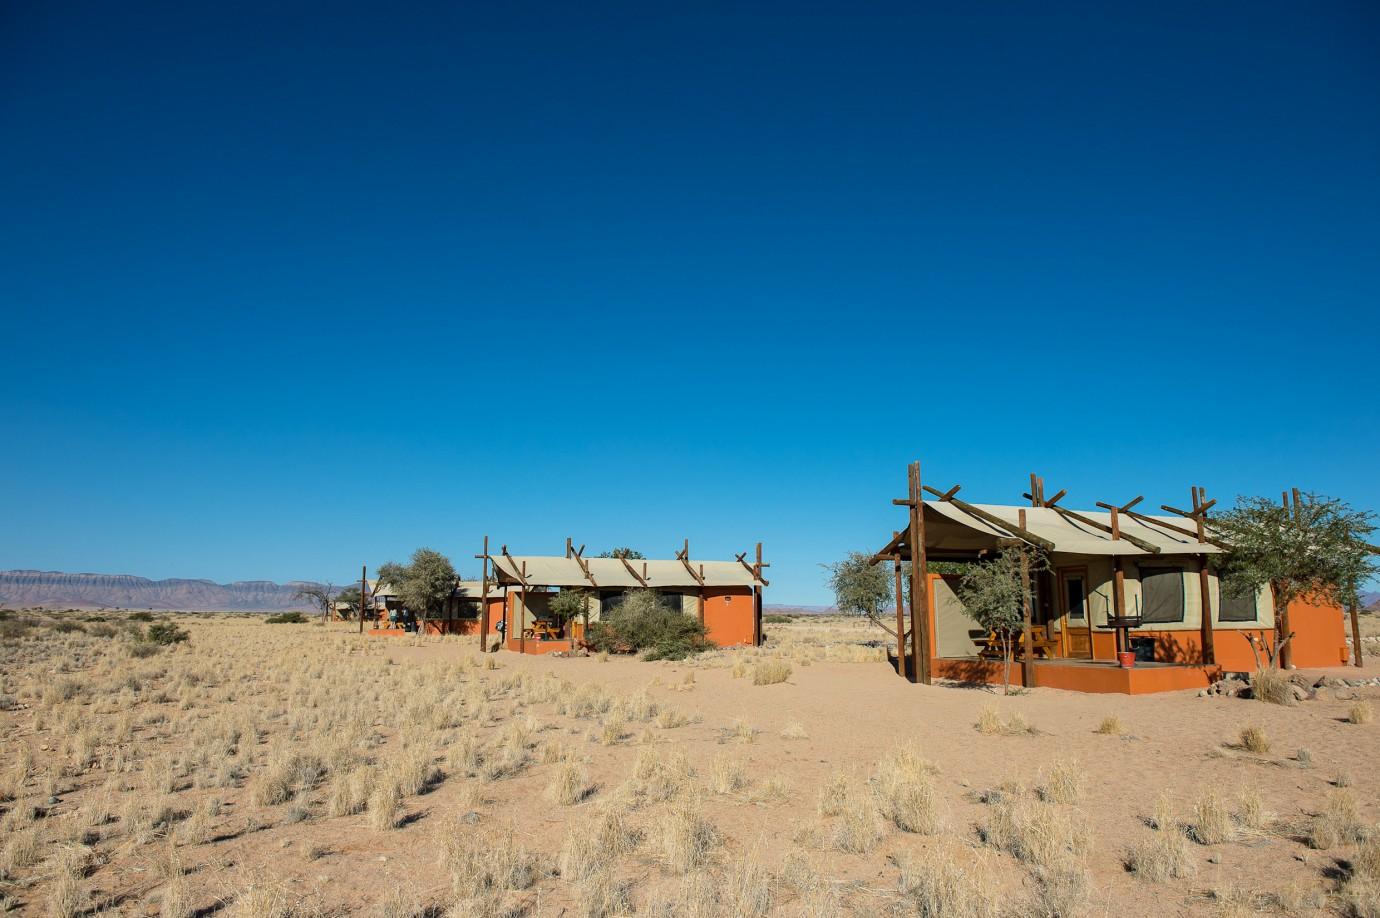 Day Namibia Tour